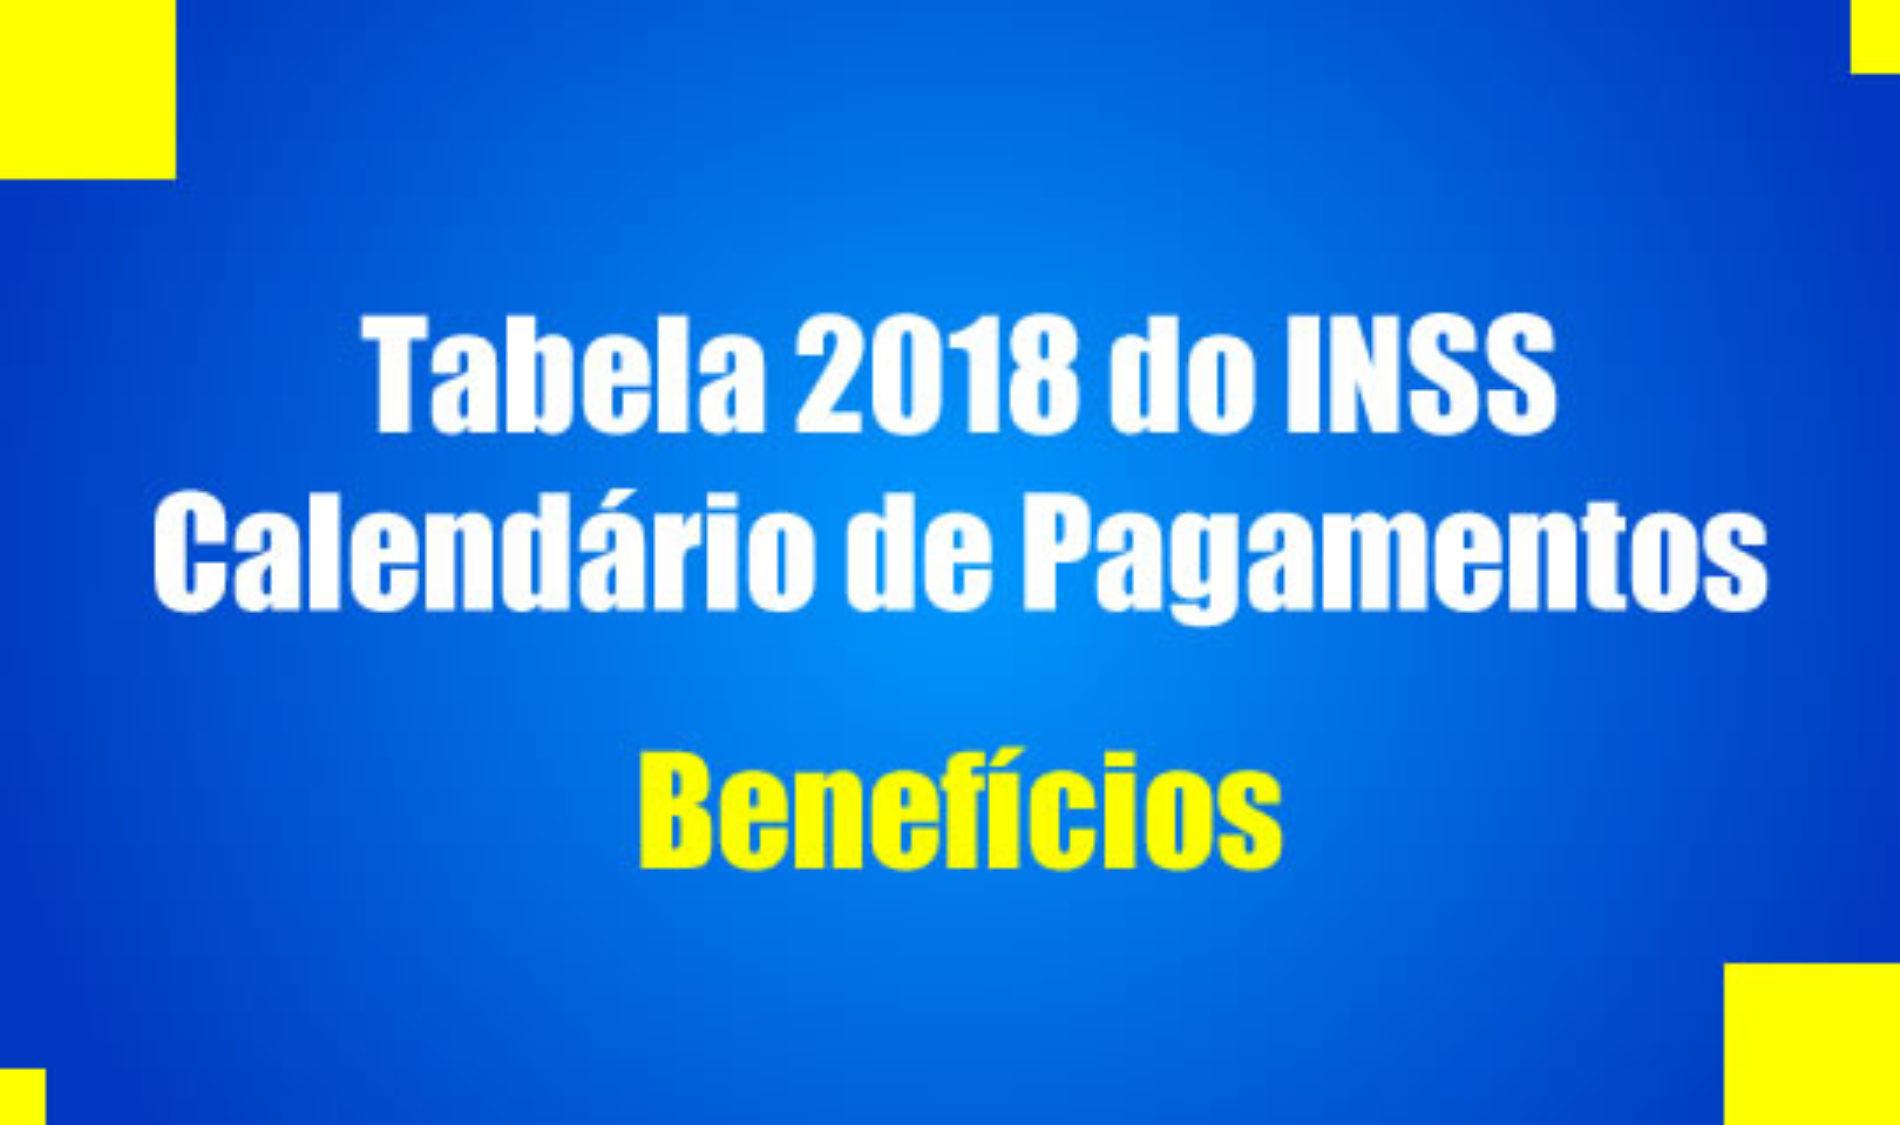 Tabela de pagamento dos beneficios INSS 2018